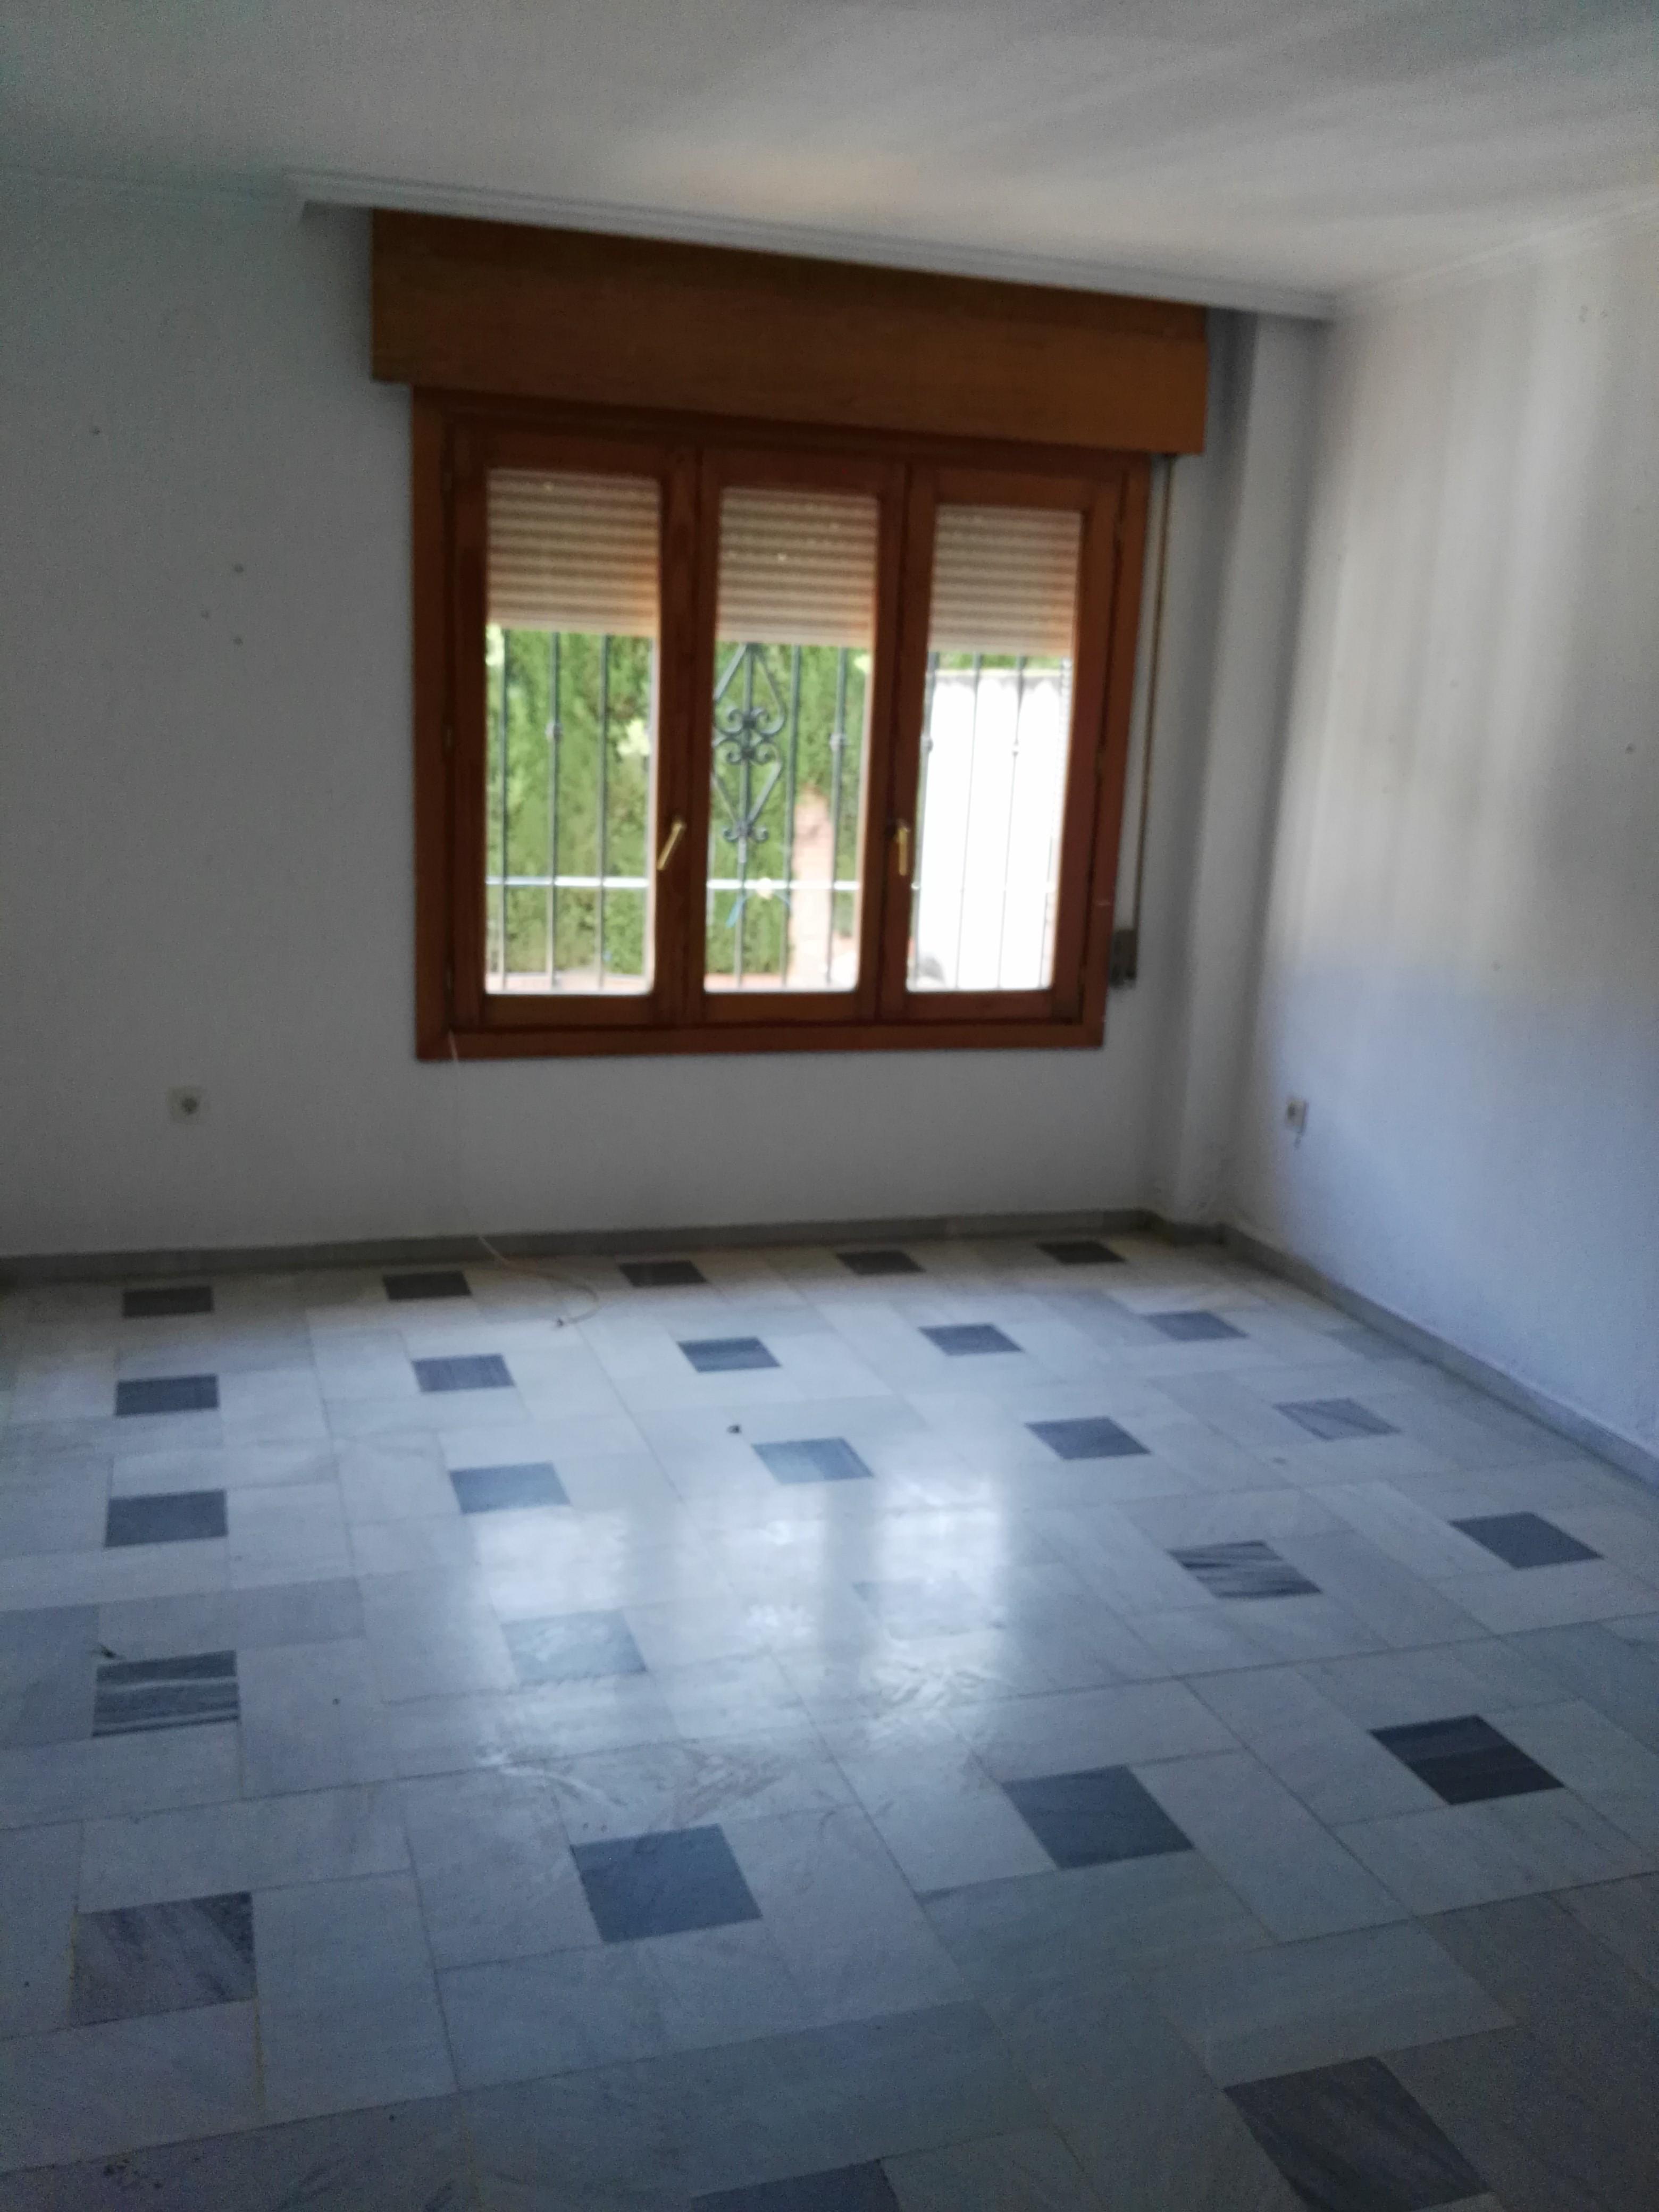 Piso en venta en Cájar, Granada, Calle Sacromonte, 67.500 €, 2 habitaciones, 1 baño, 73 m2